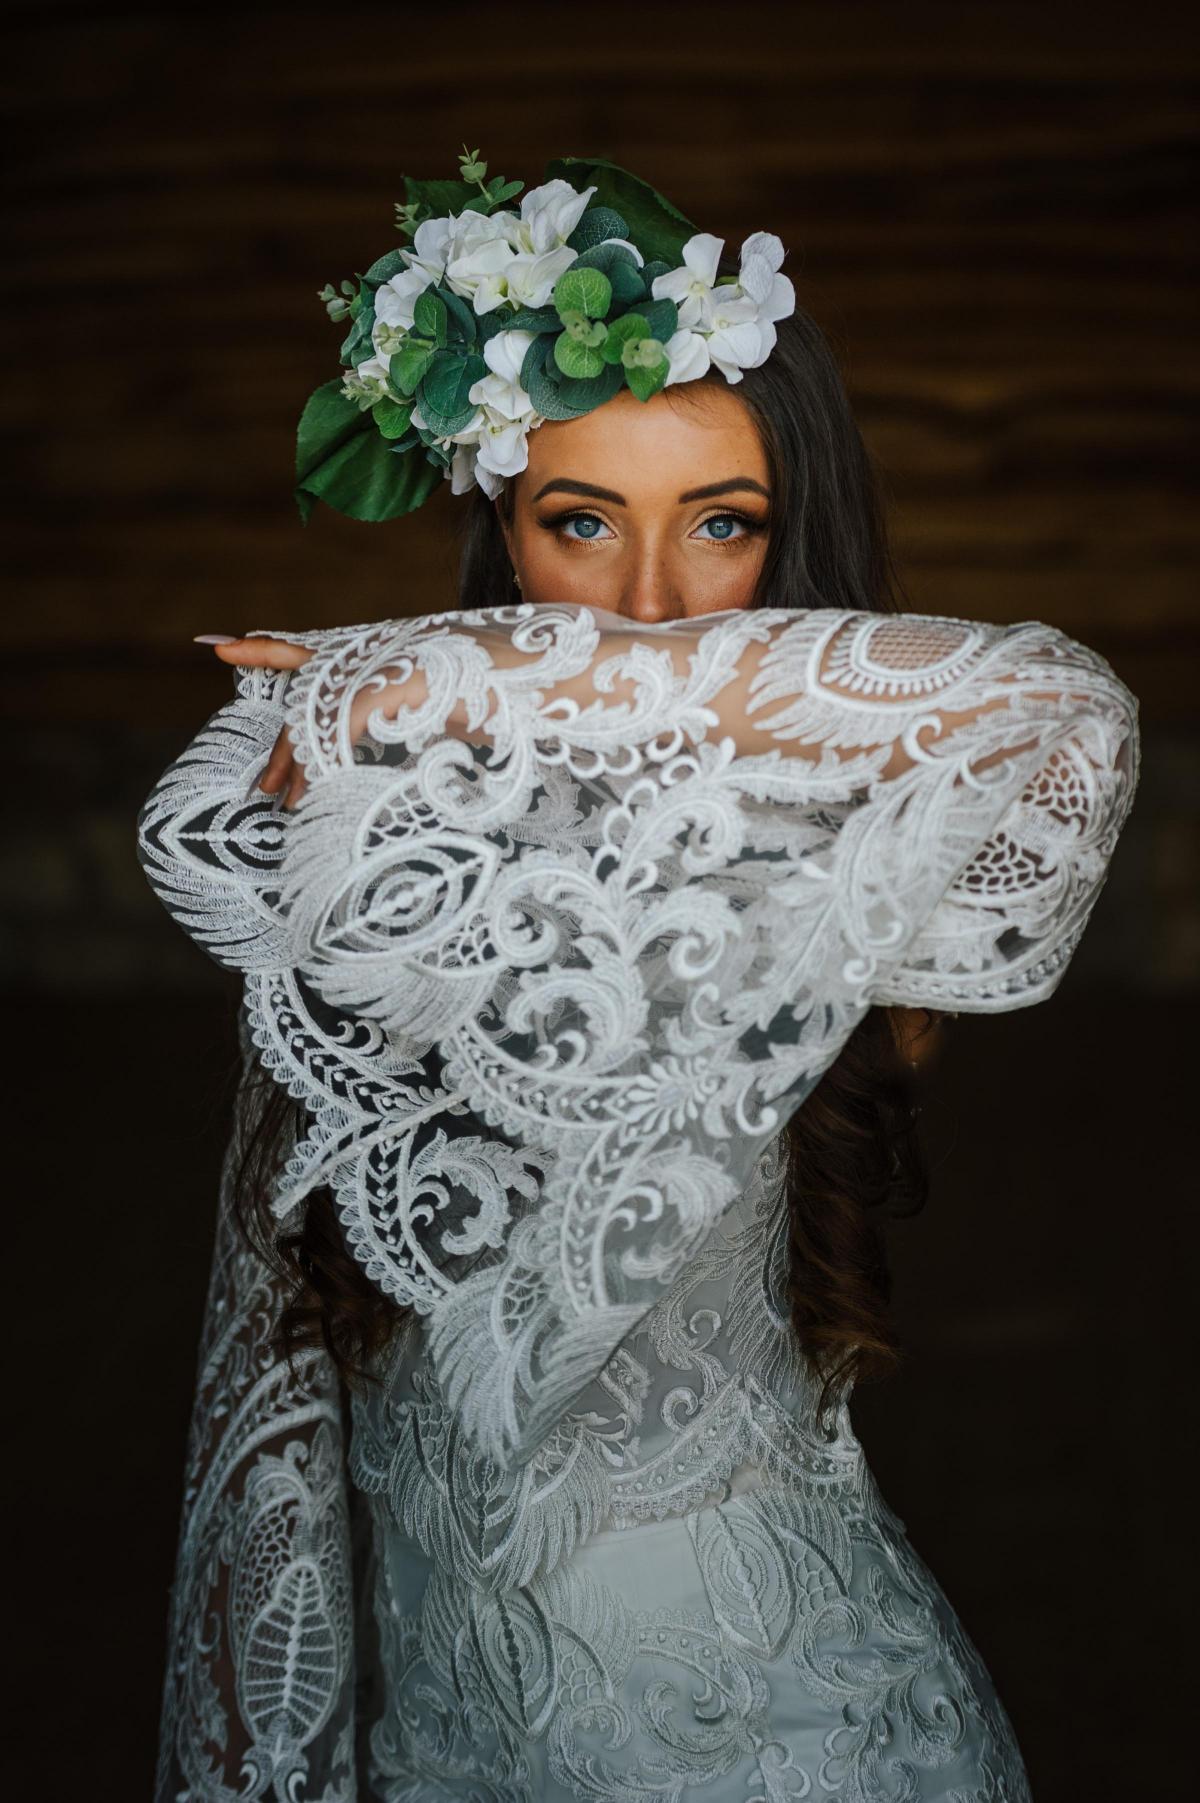 Wedding Dress Create.North Yorkshire Designer Helps Brides Create Own Wedding Dress